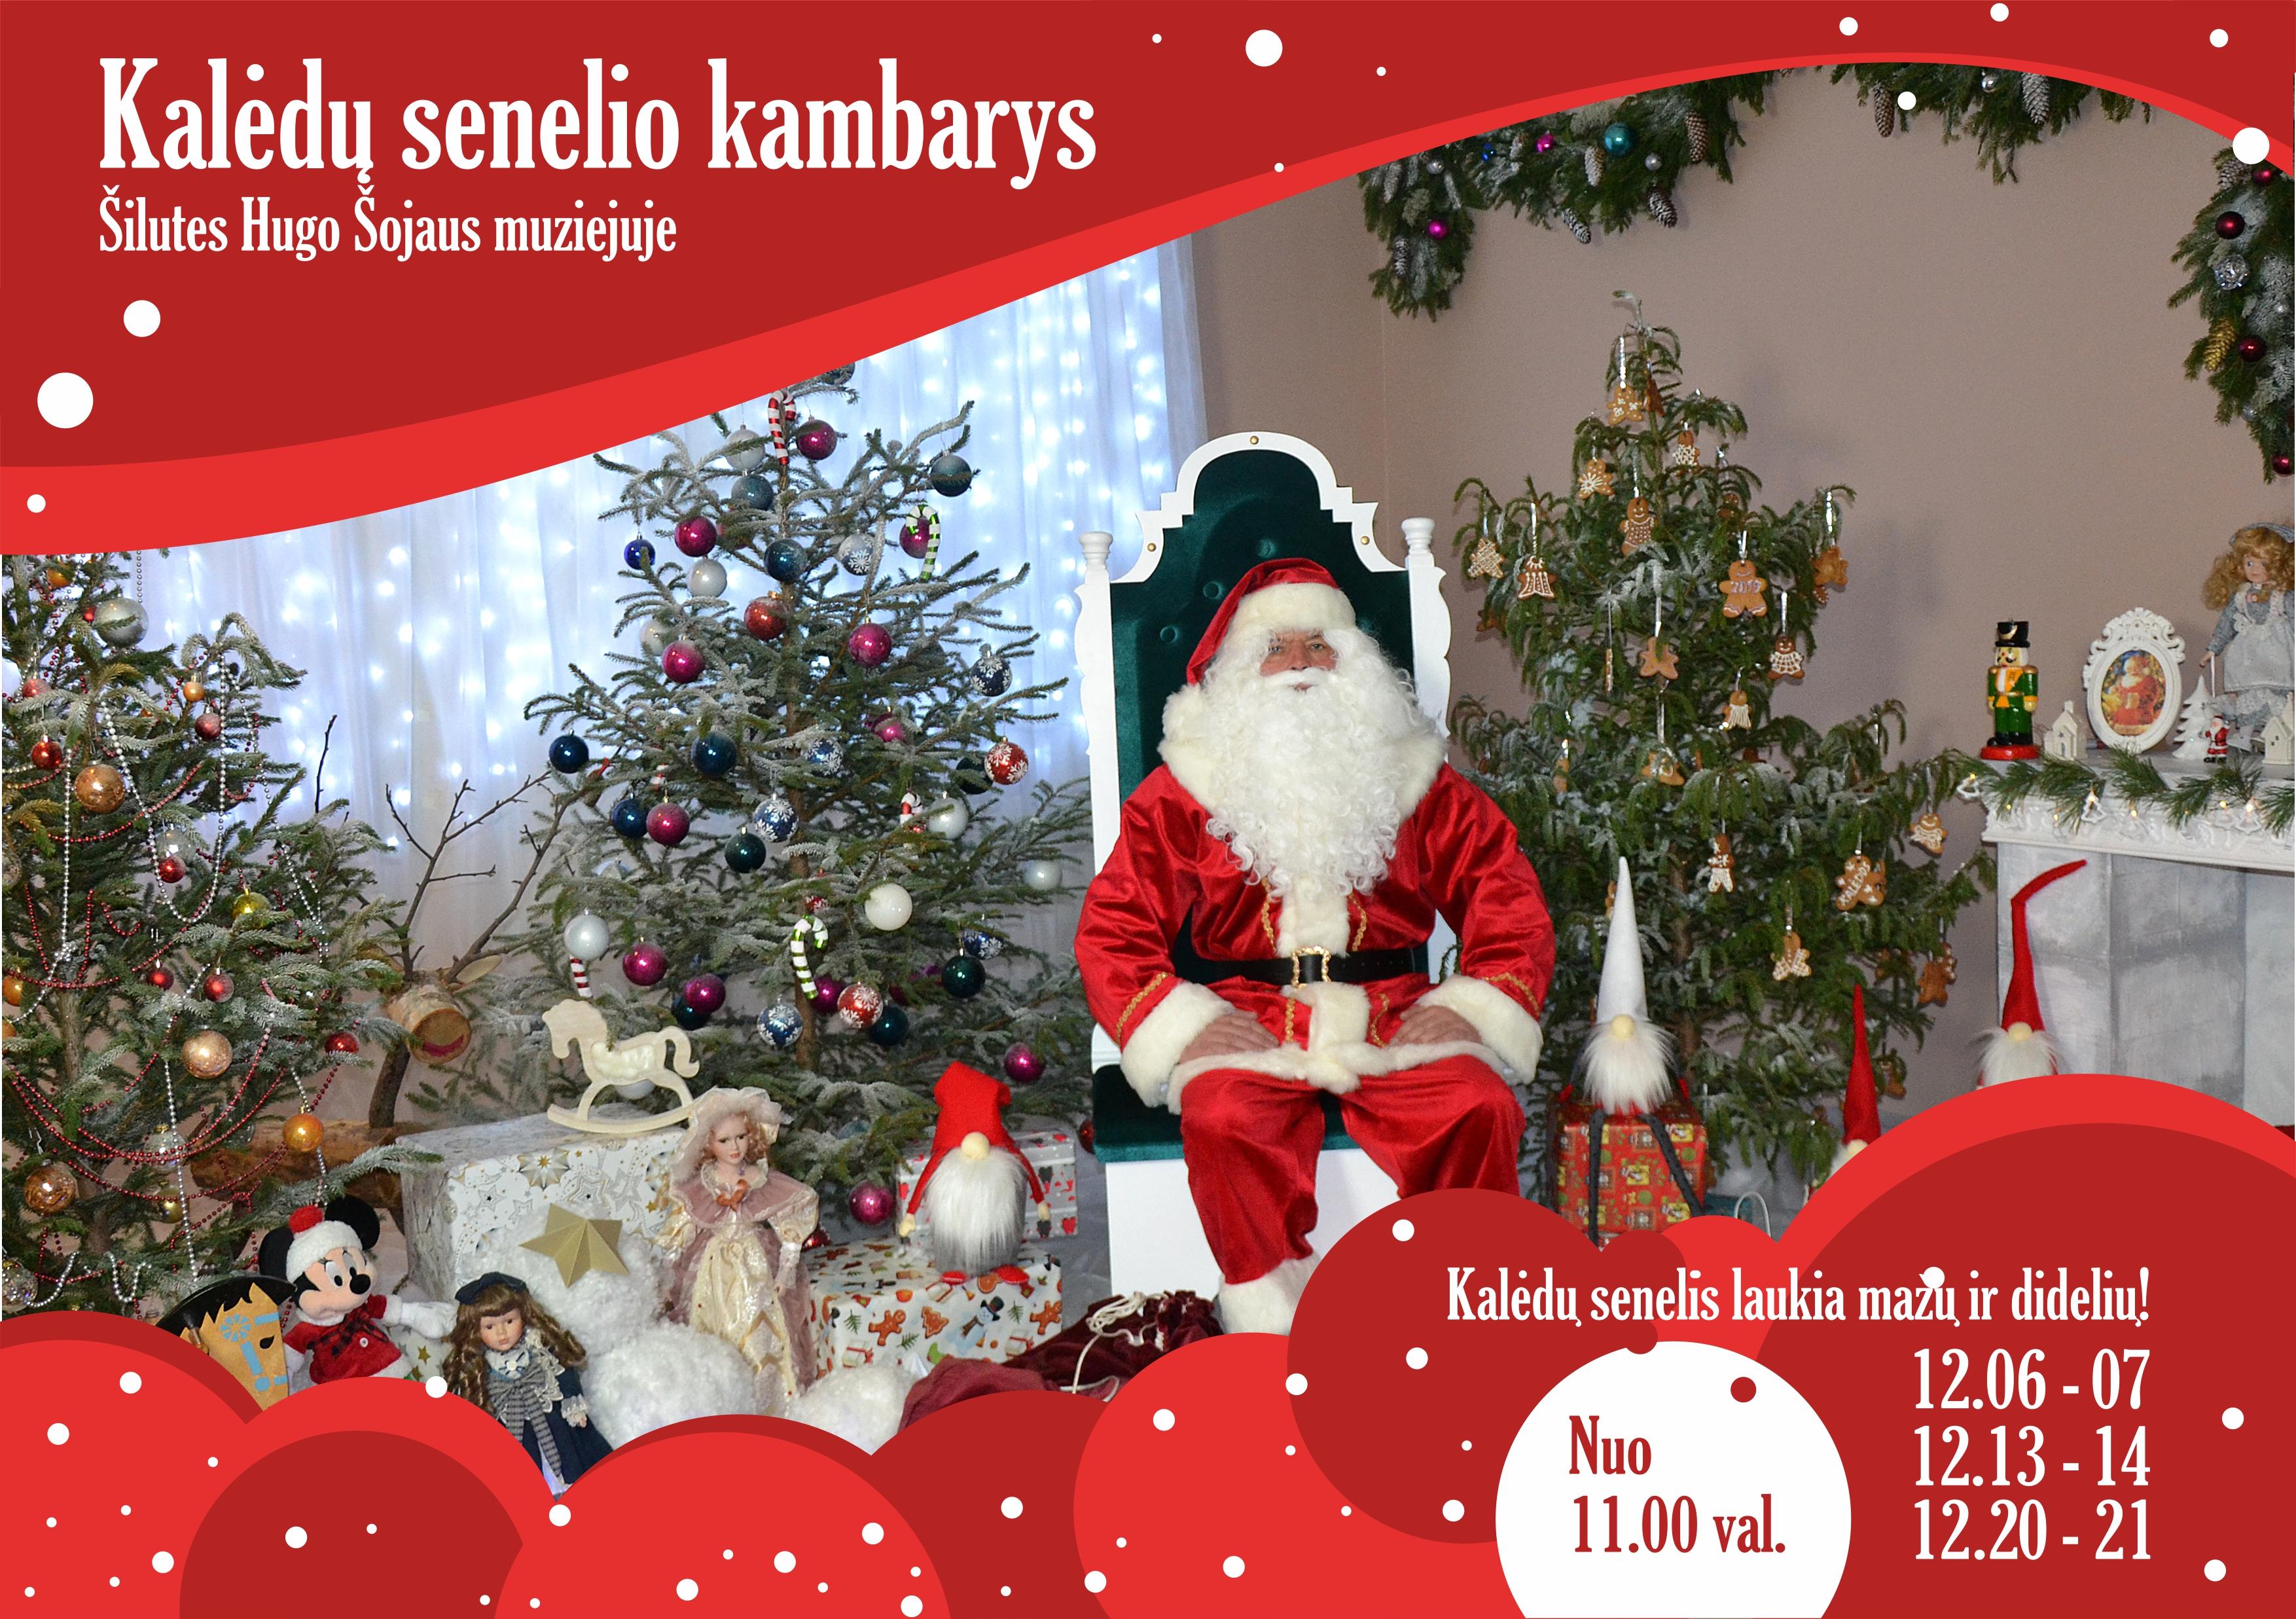 Kalėdų senelis atvyksta į Šilutės Hugo Šojaus muziejų